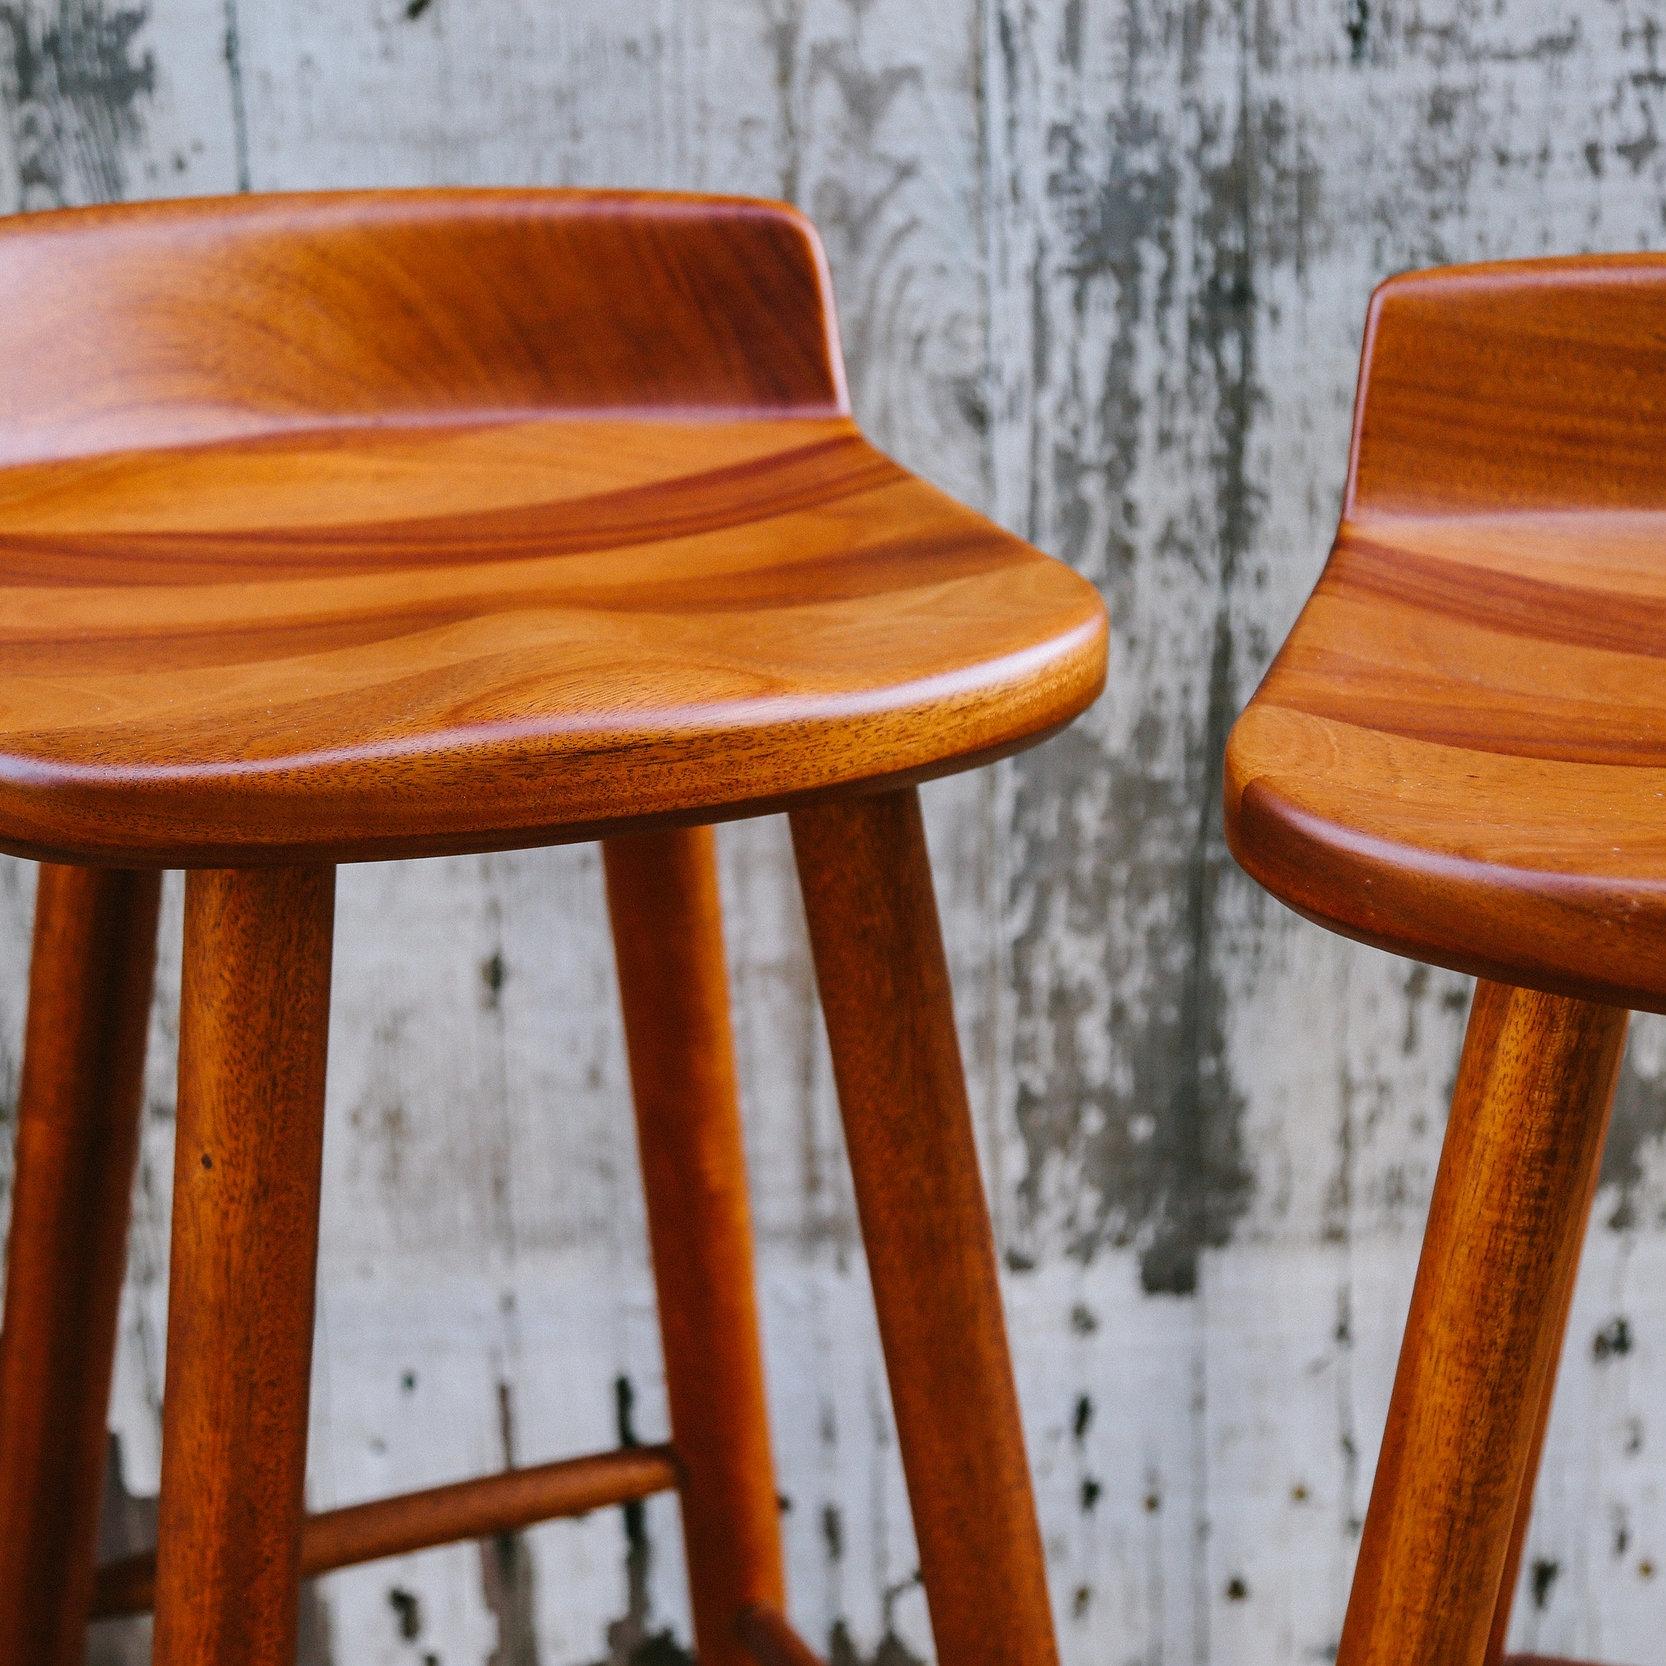 eskew-woodworking-256.jpg